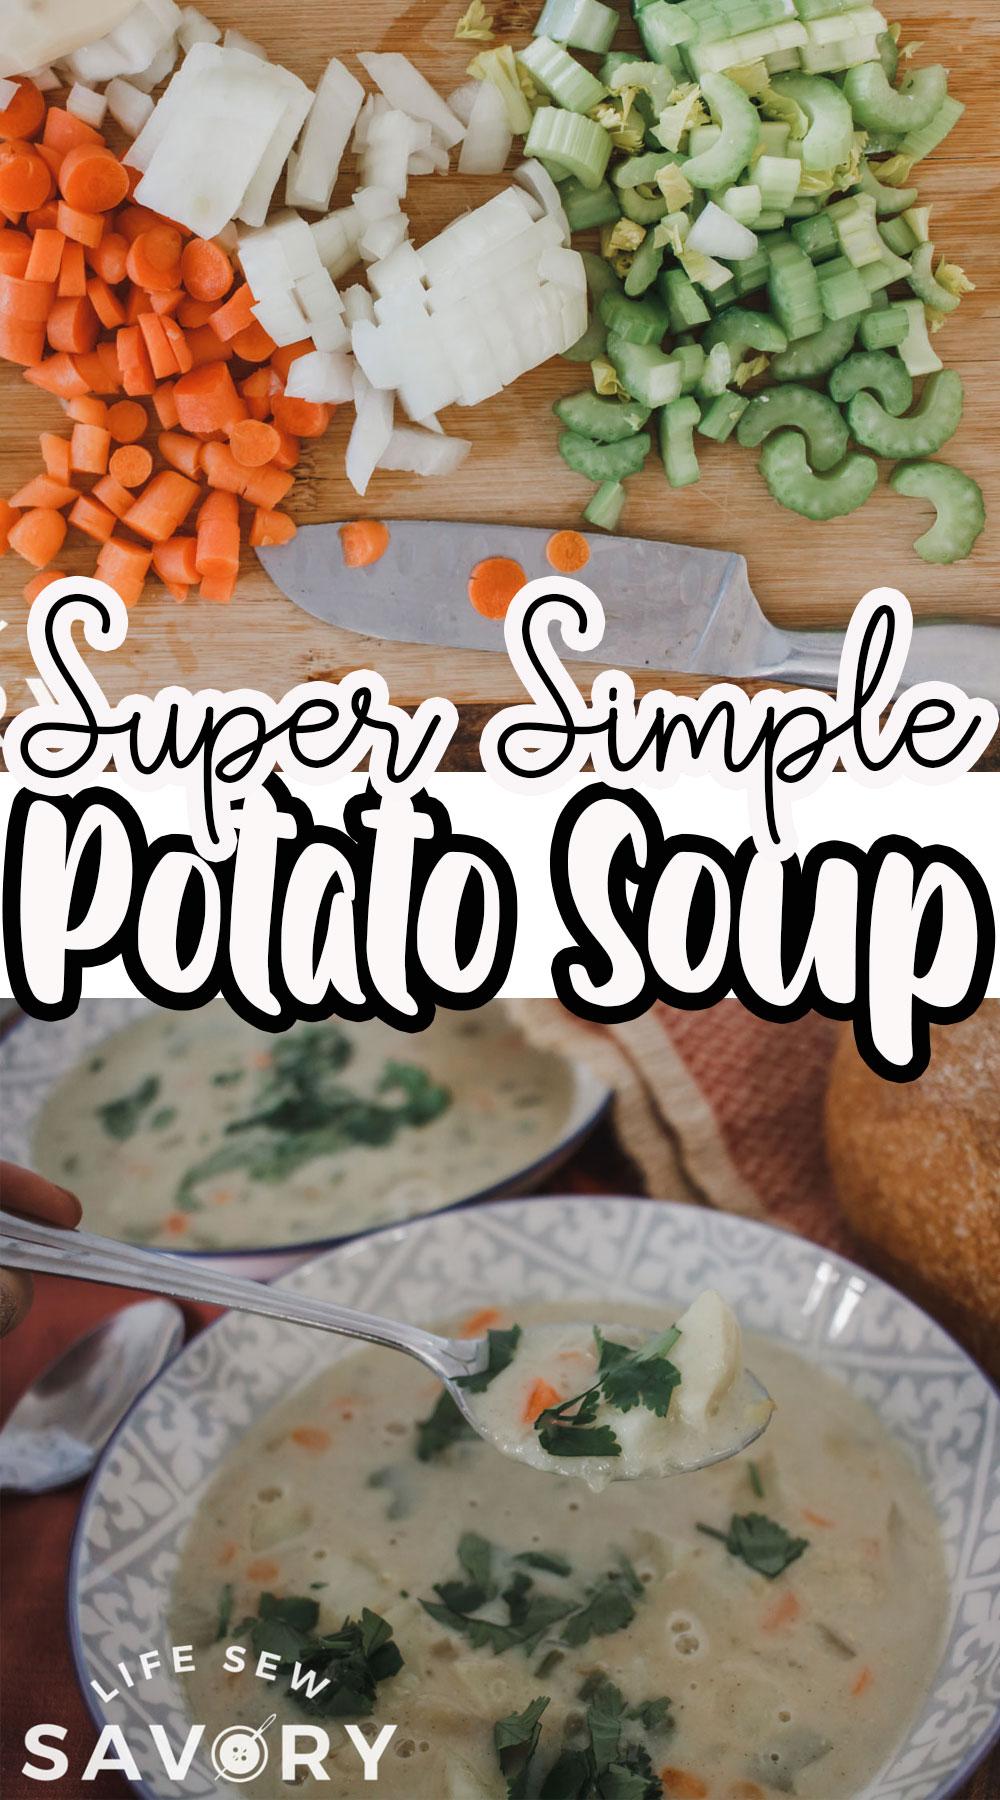 light potato soup easy recipe